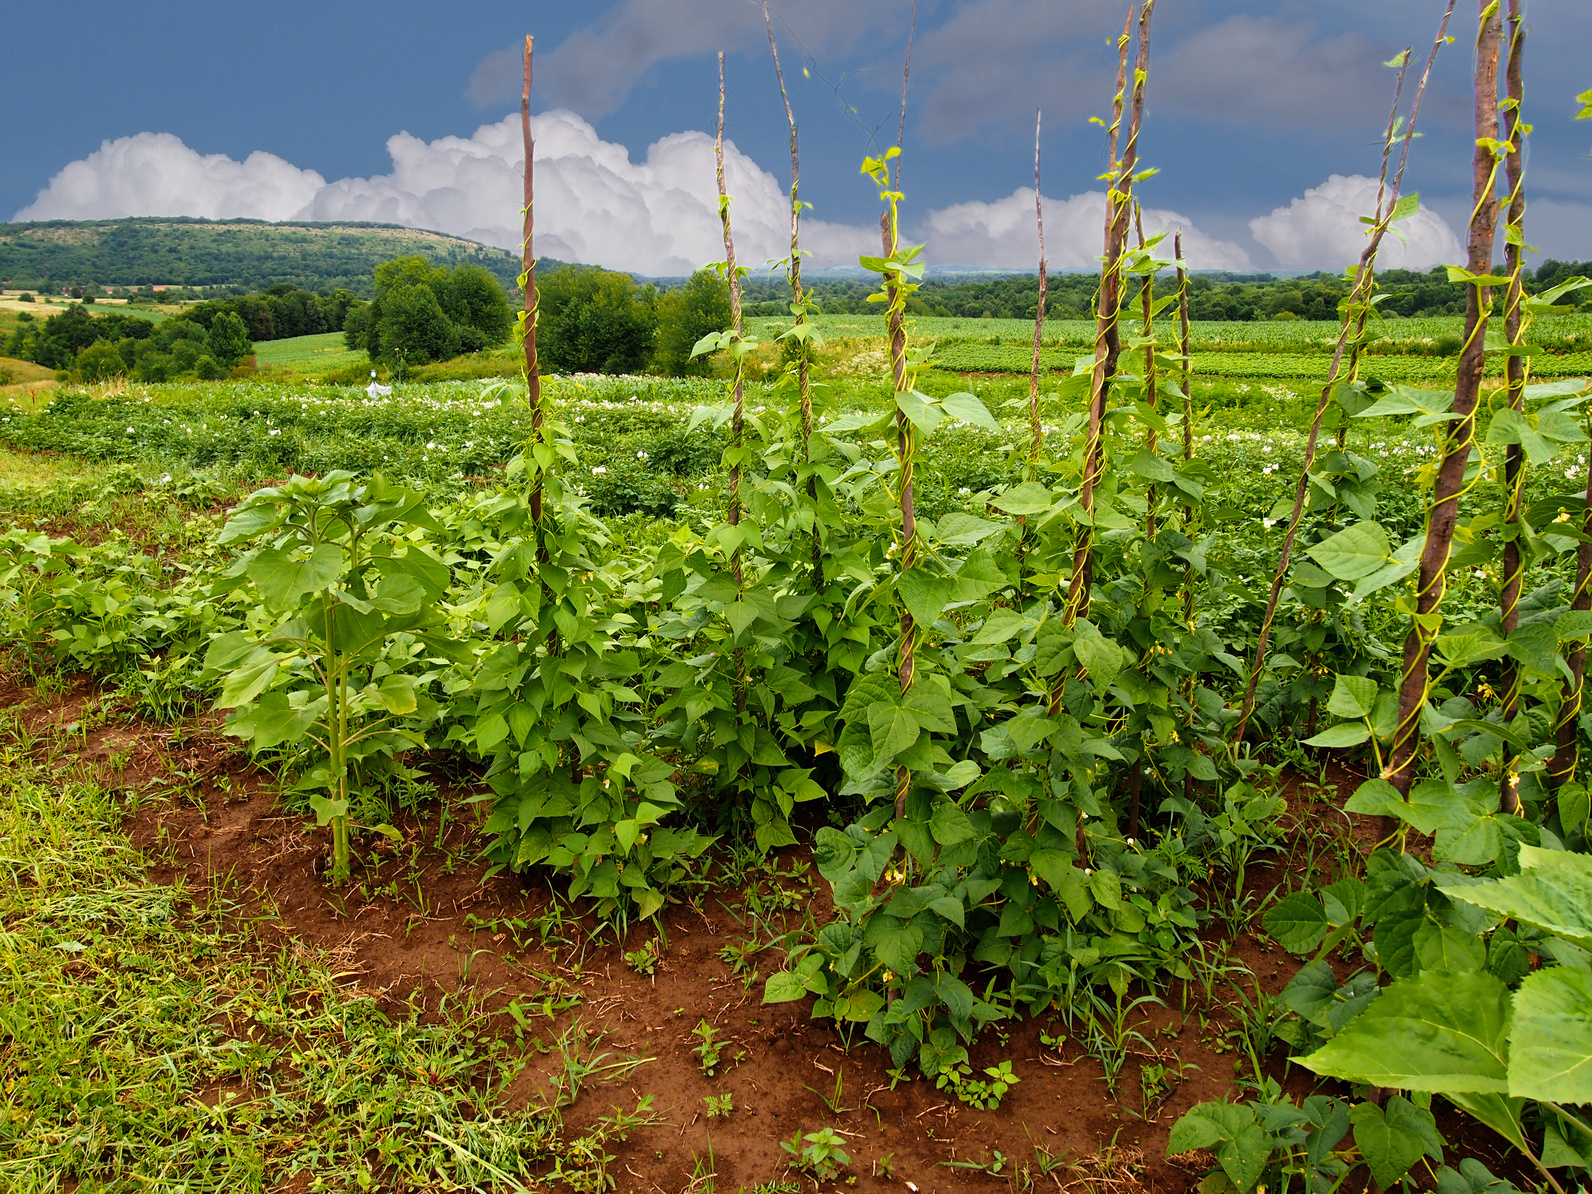 Sostegni Per Pomodori In Vaso i sostegni delle piante: a cosa servono e come posizionarli